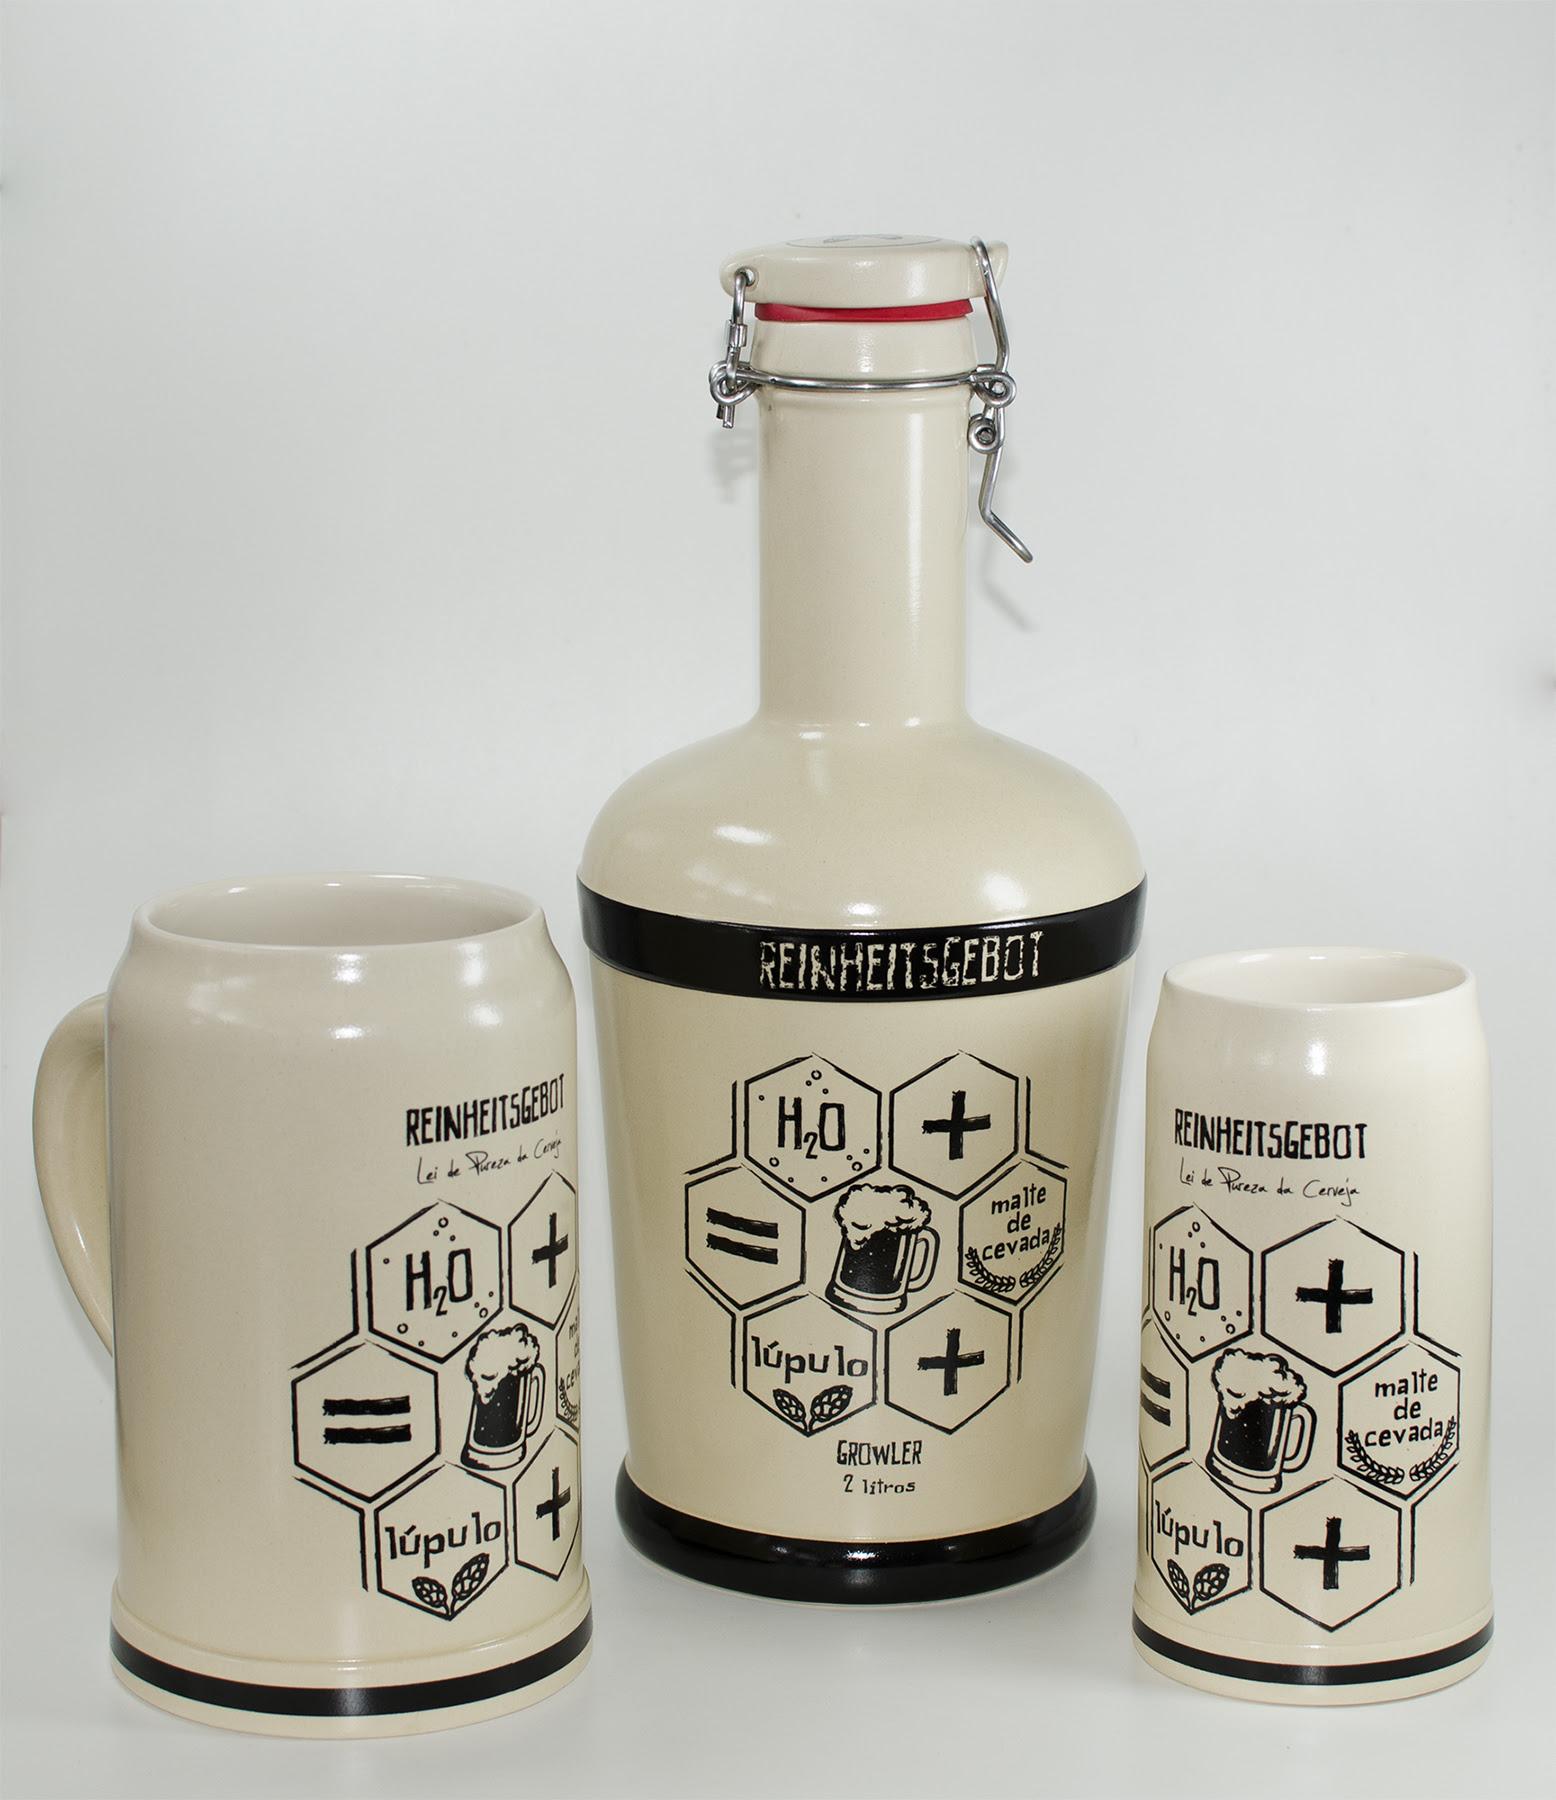 Em cerâmica, garrafão retornável e canecos (Foto: Divulgação)